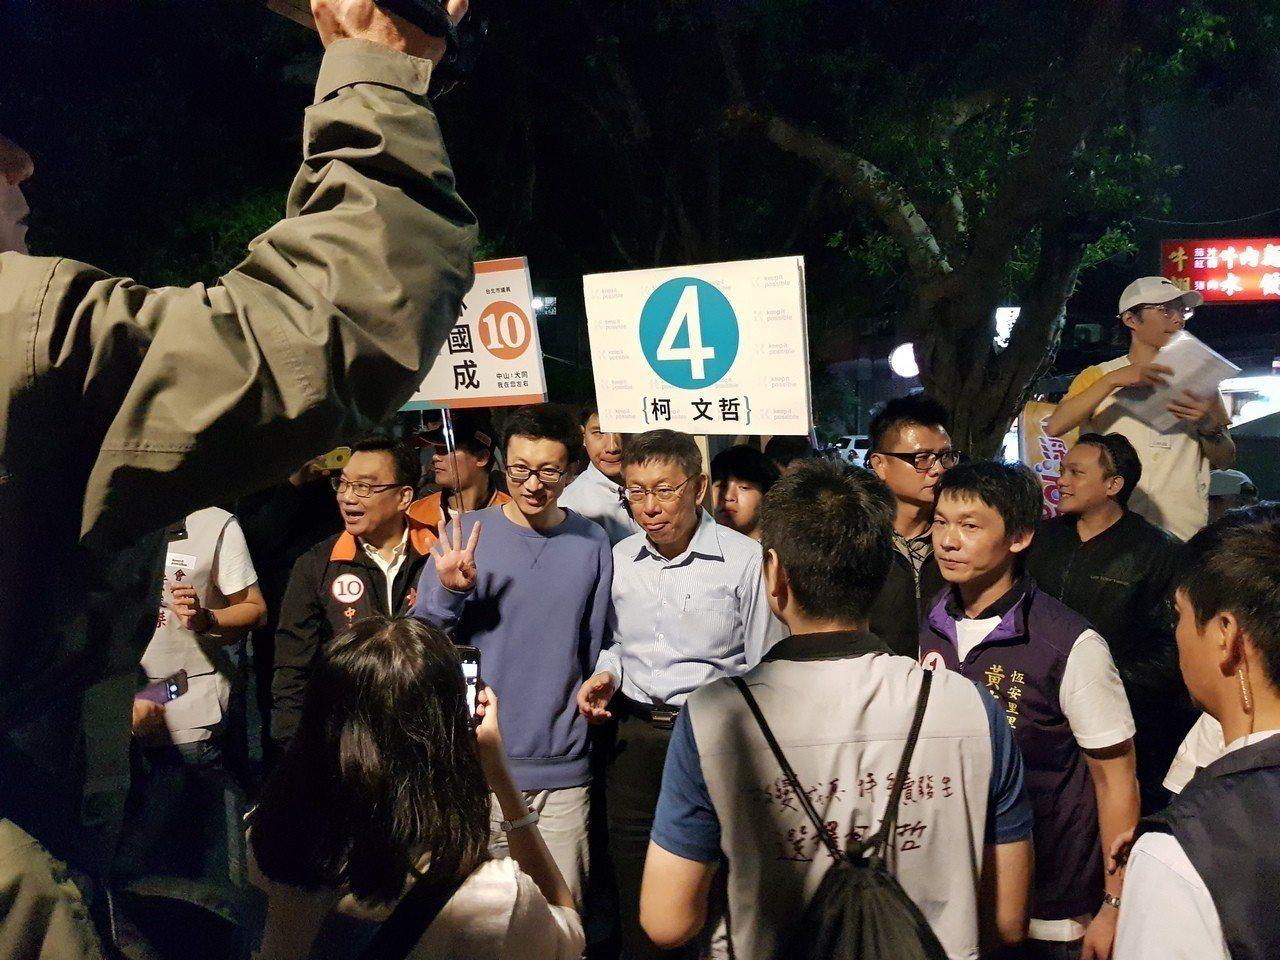 台北市長柯文哲今天傍晚5時30分到晴光商圈與雙城街夜市掃街,因想合影的民眾太多,...